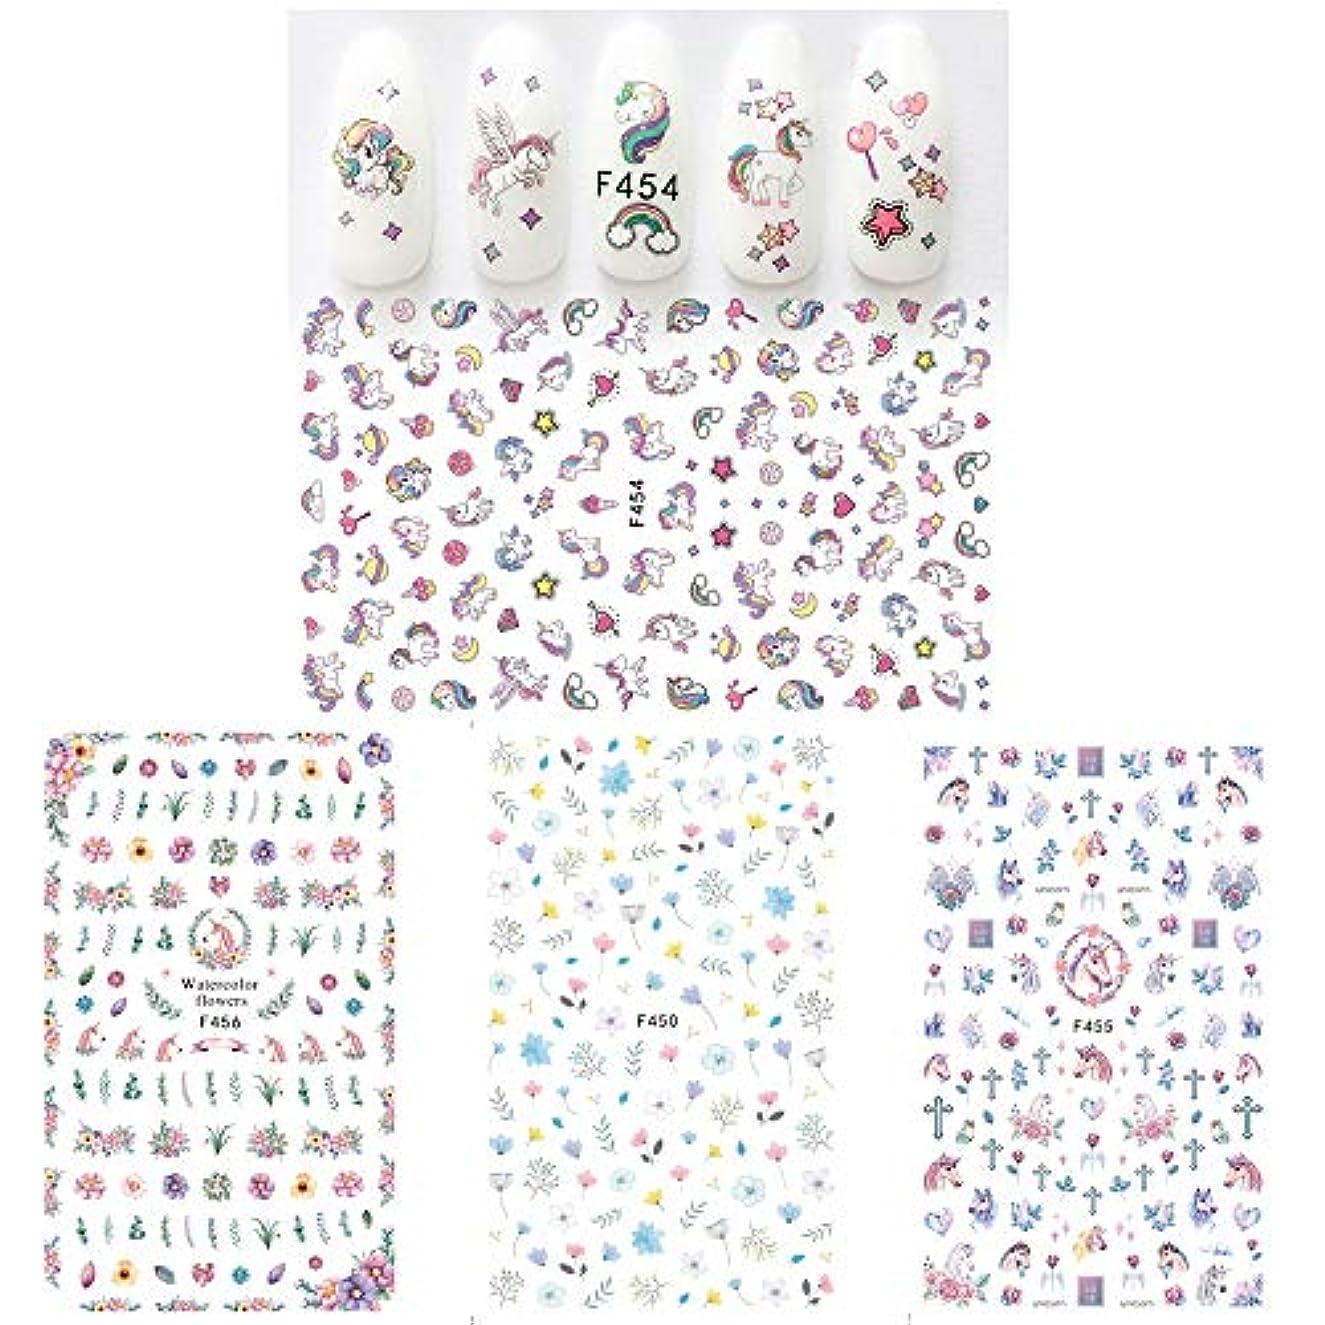 荷物高齢者リーガンKingsie ネイルシール ネイルステッカー 4枚セット かわいい ユニコーン 花 貼るだけ マニキュア ネイルアート デコレーション 子供